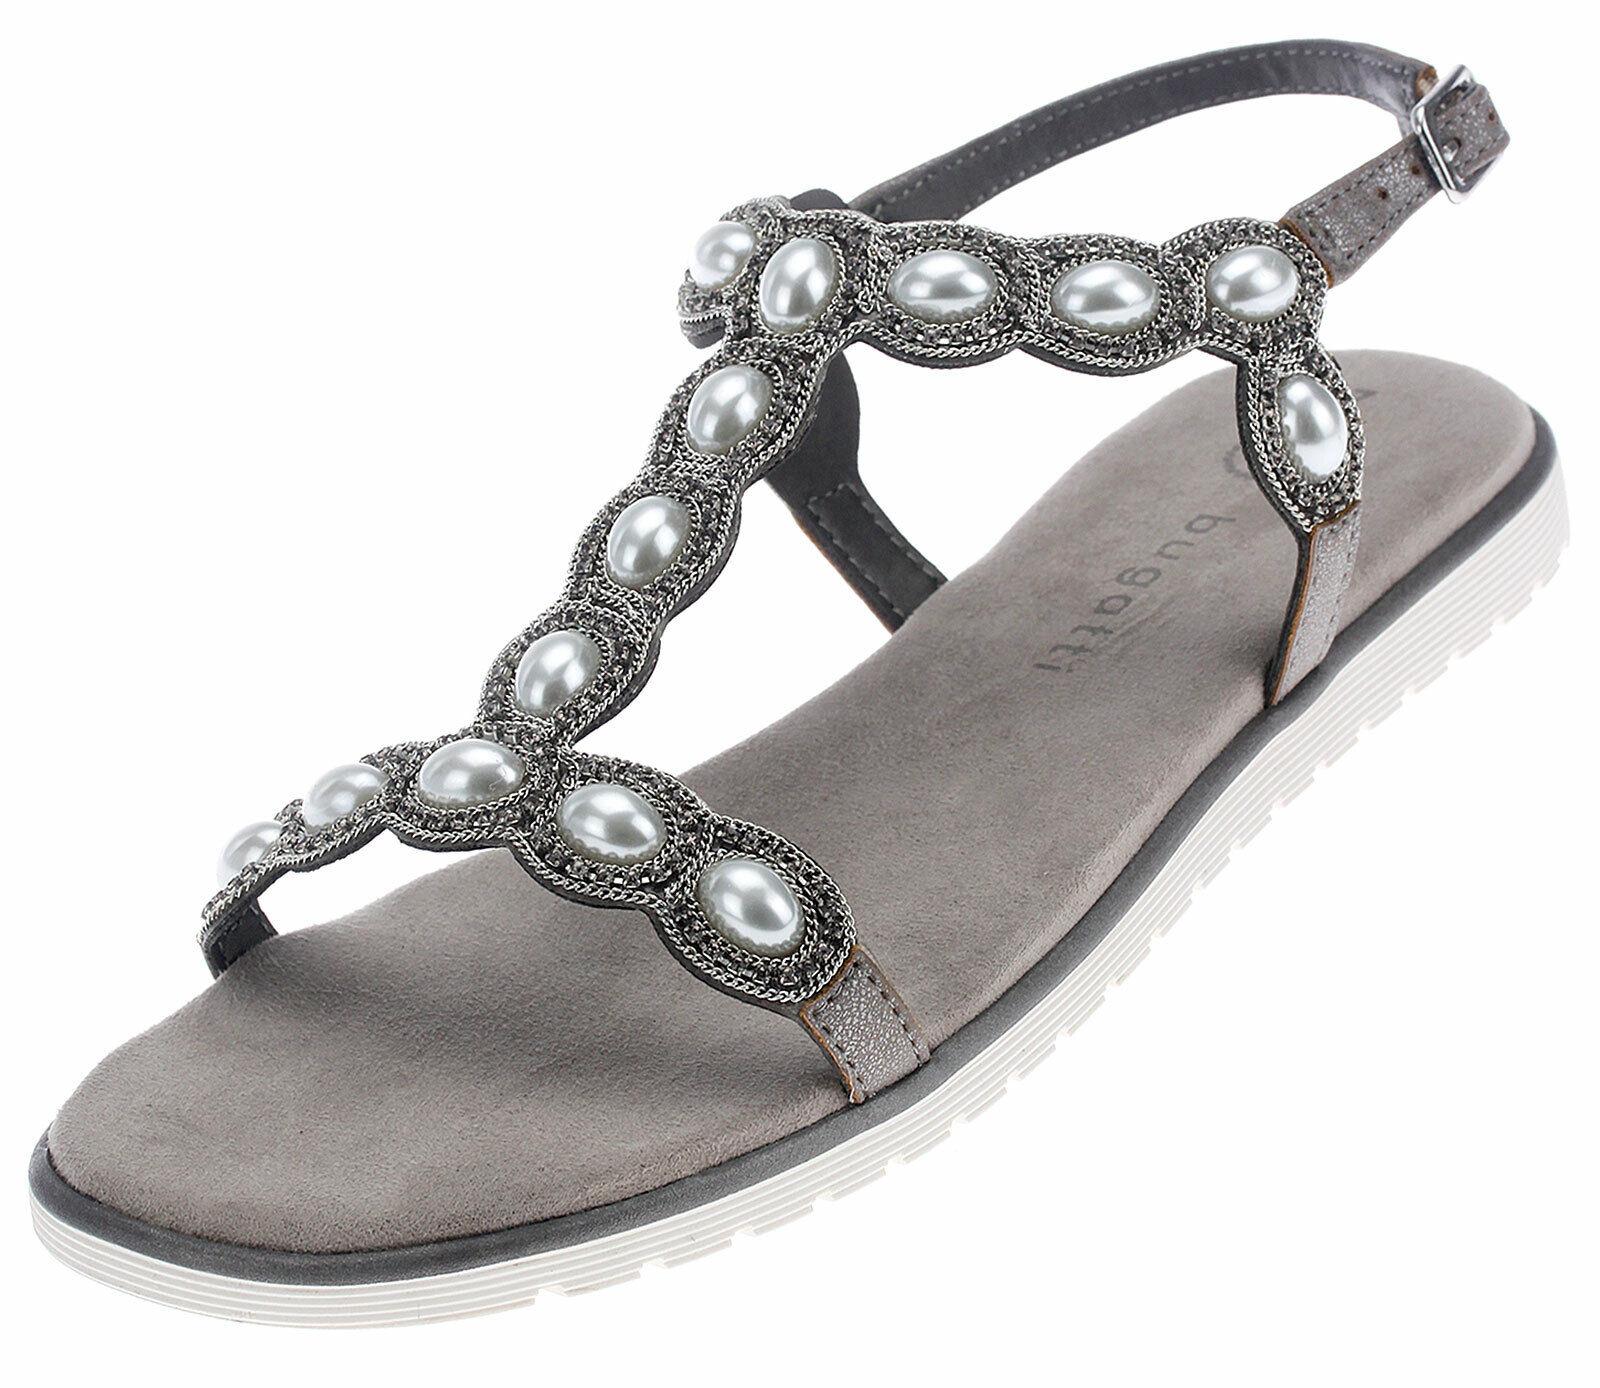 Bugatti Damen Sandalen Freizeit Sandaletten Flach Sommerschuhe Frauen 47884 grau